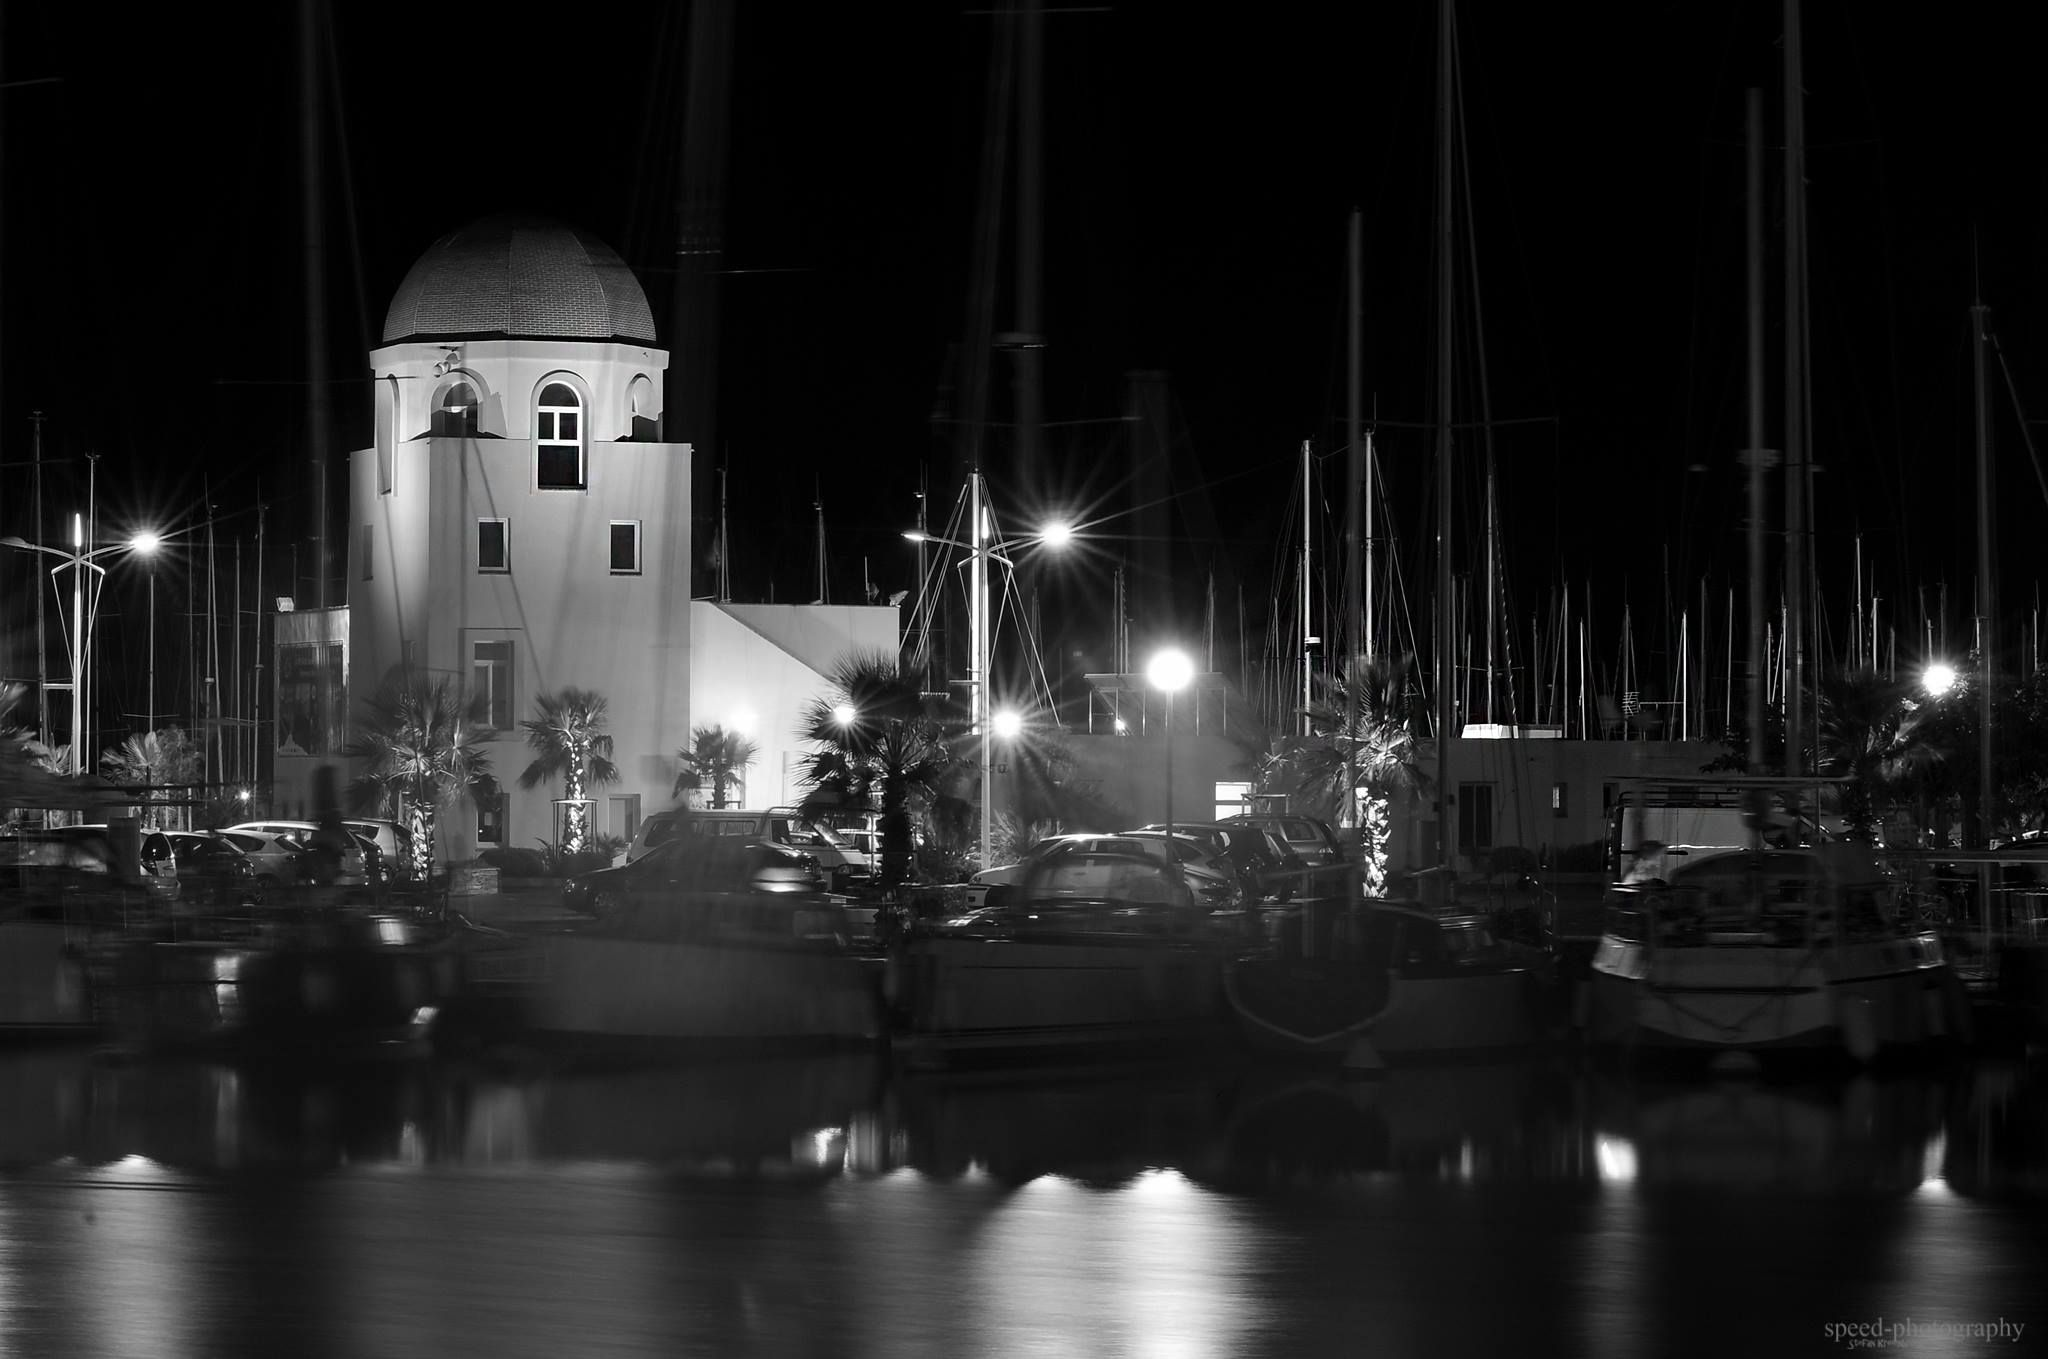 Capitainerie du port de Gruissan en N&B par Stefan Aude Languedoc Occitanie Mer Méditerranée Sud France